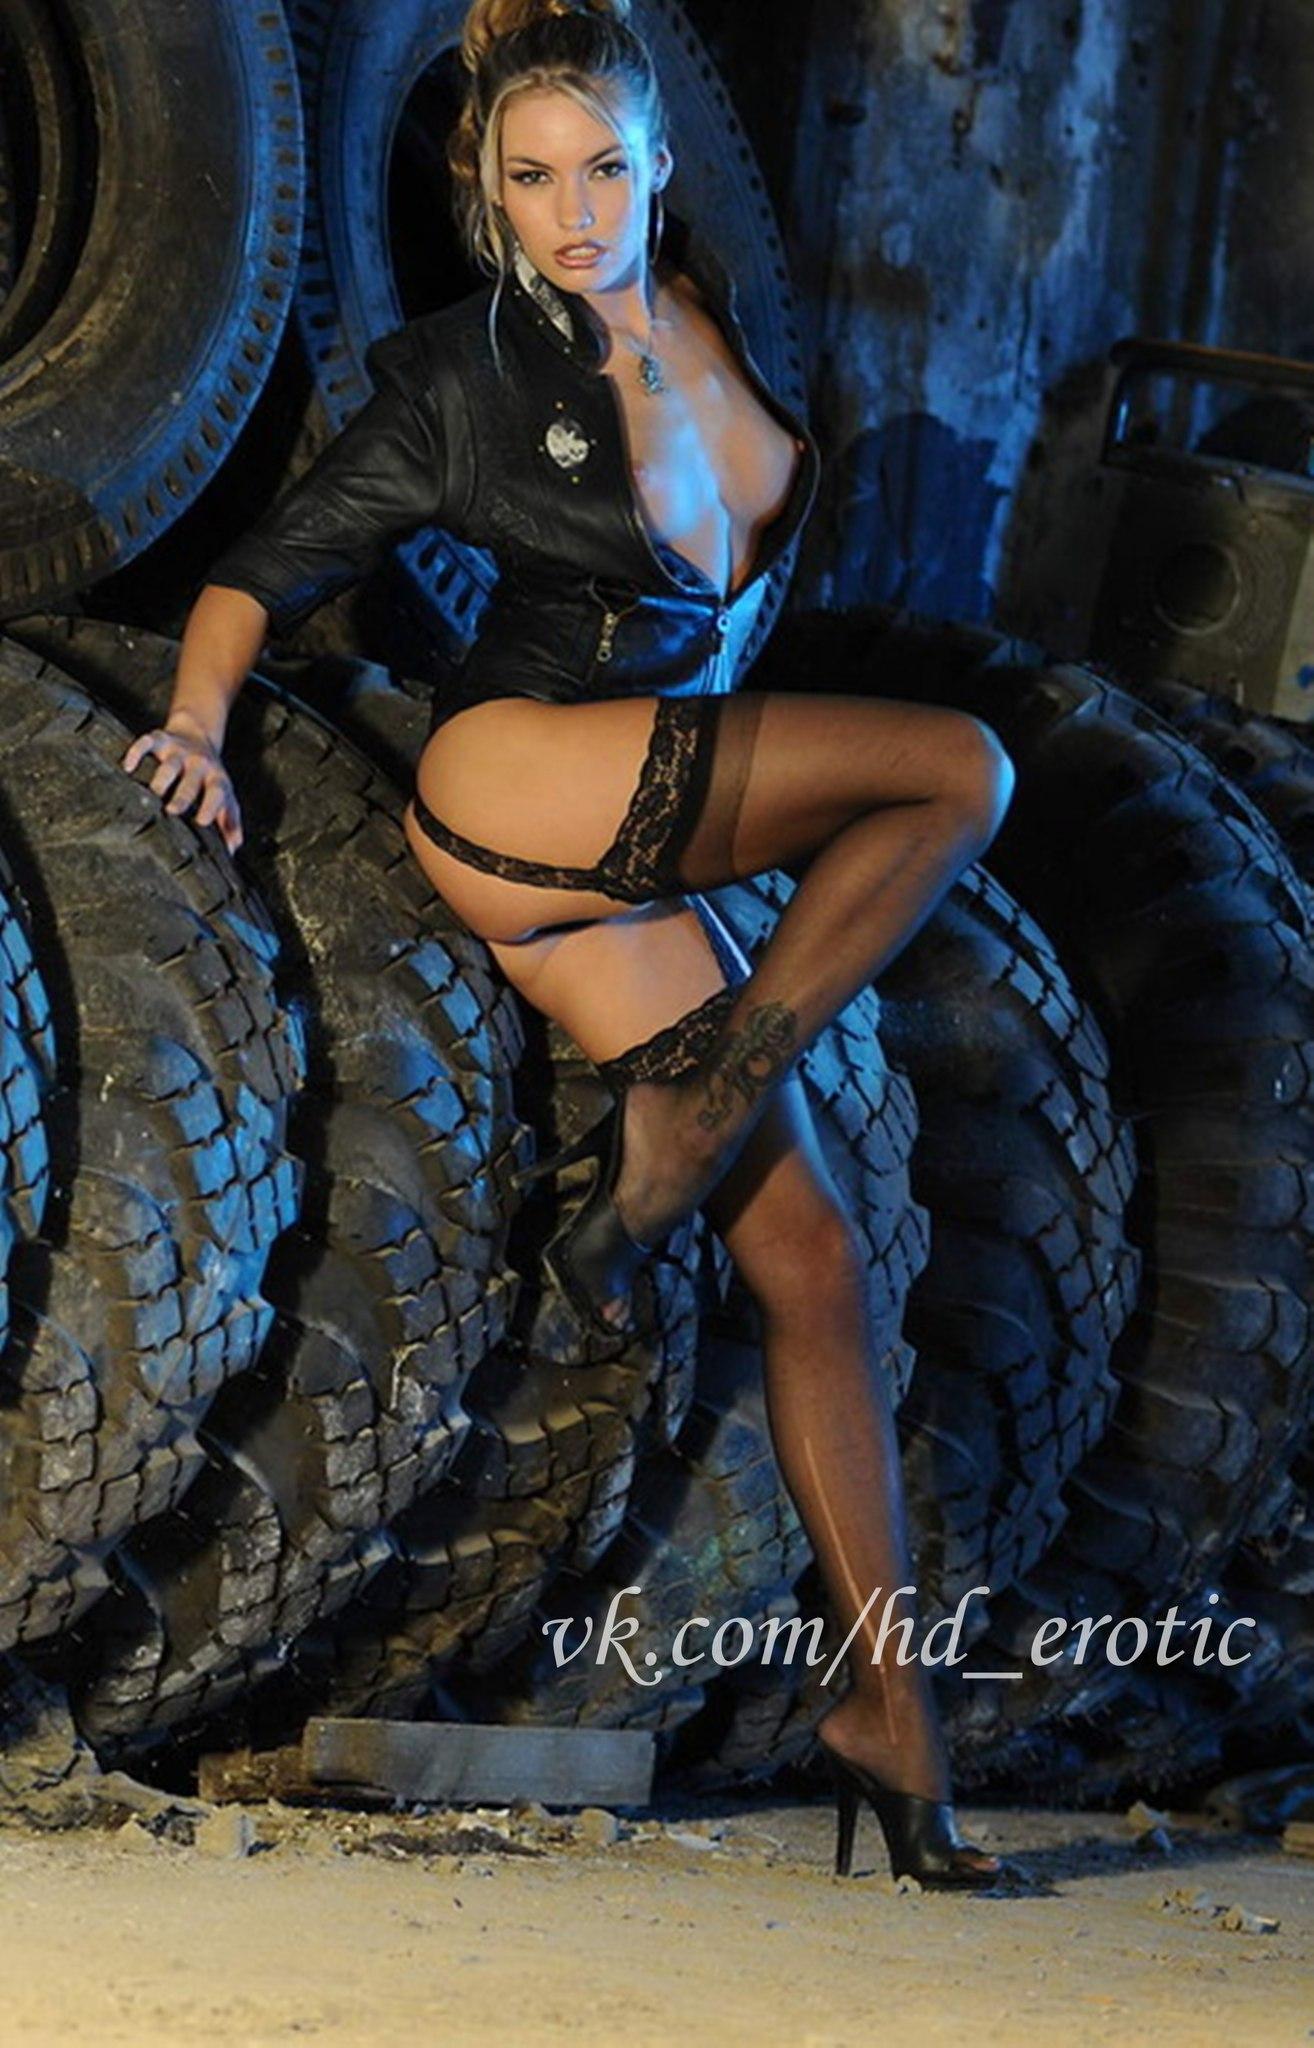 Проститутка больше страсти 29 фотография